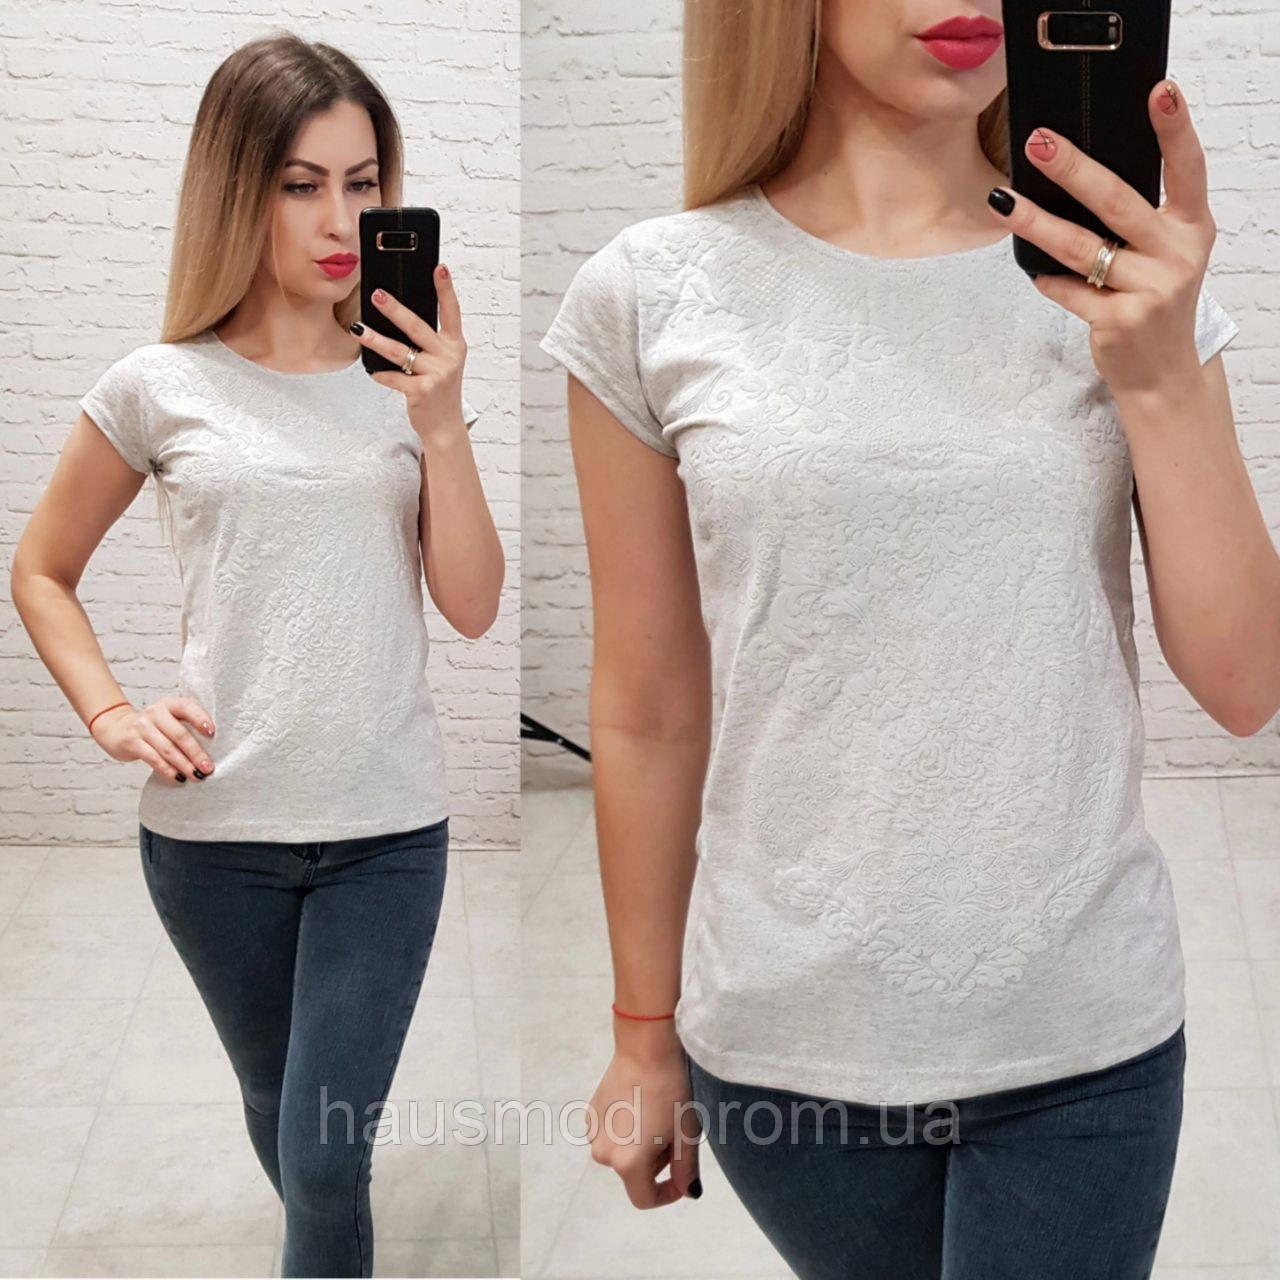 Женская футболка 100% катон узор выпуклый красивый Турция серая